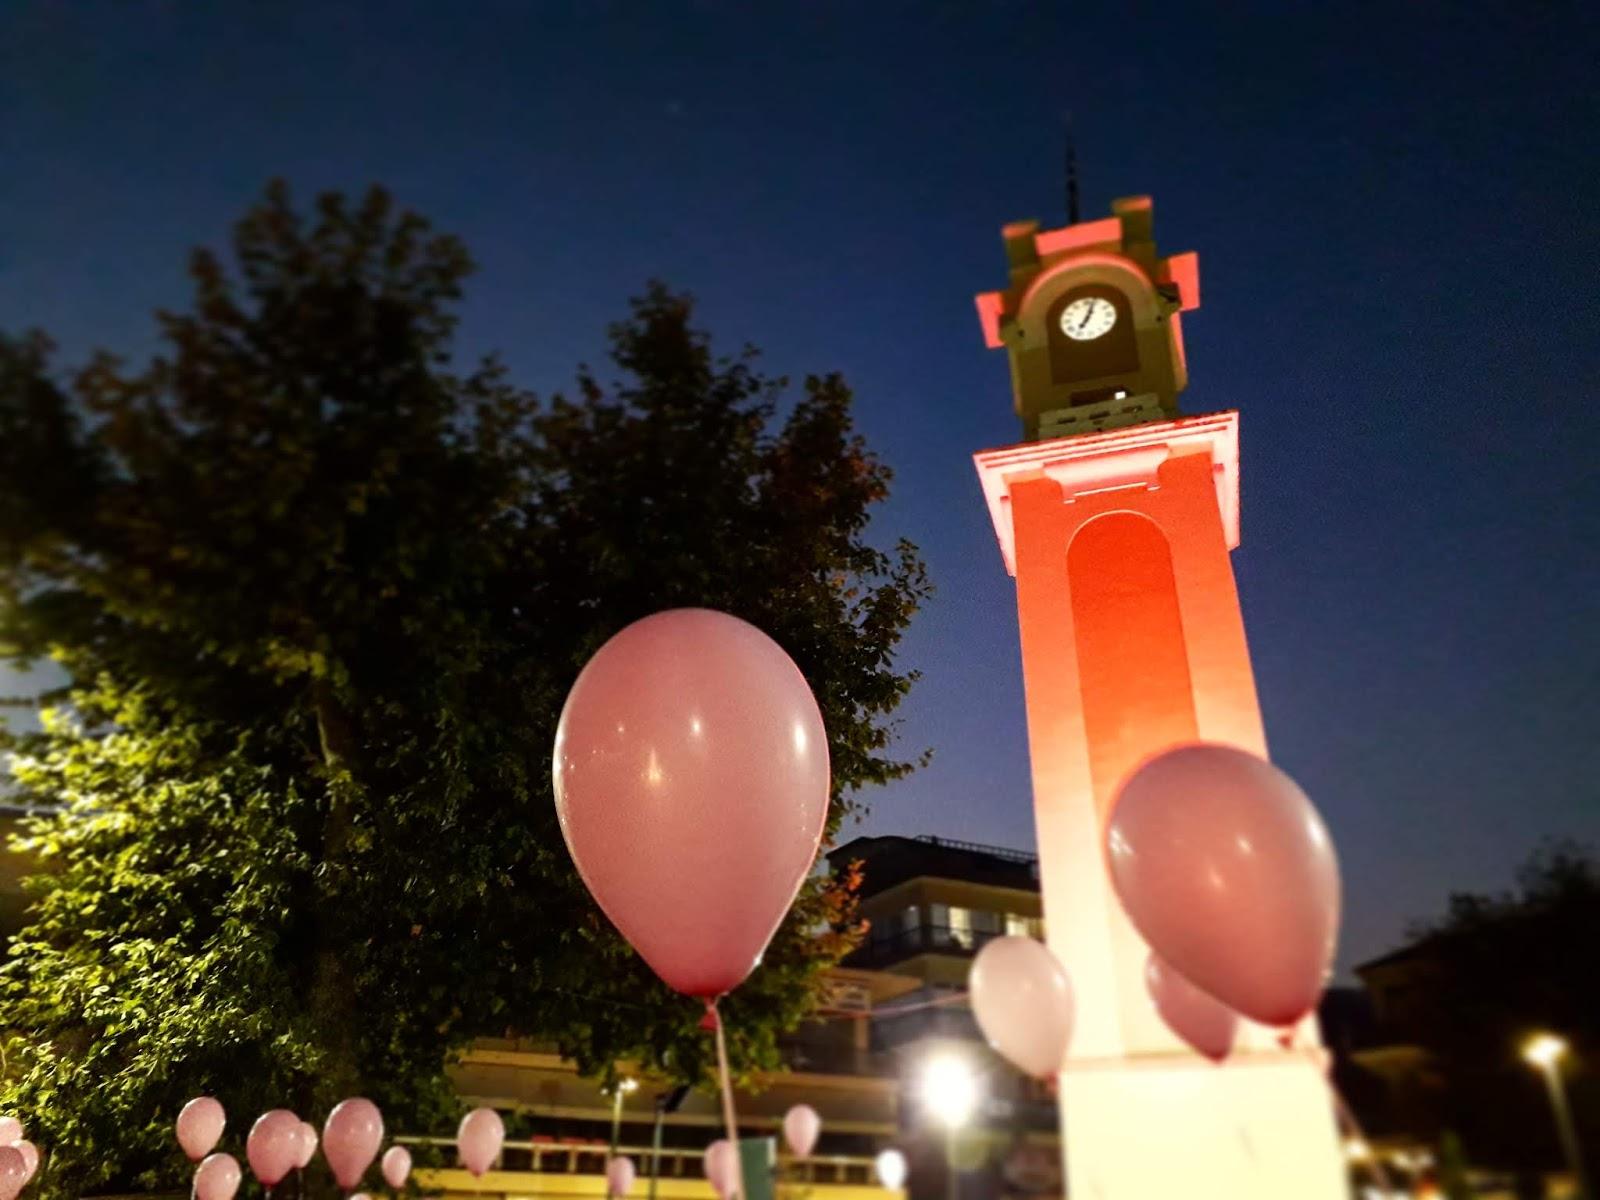 Ξάνθη: Γίνεται ροζ το Ρολόι της πλατείας για τον καρκίνο του μαστού